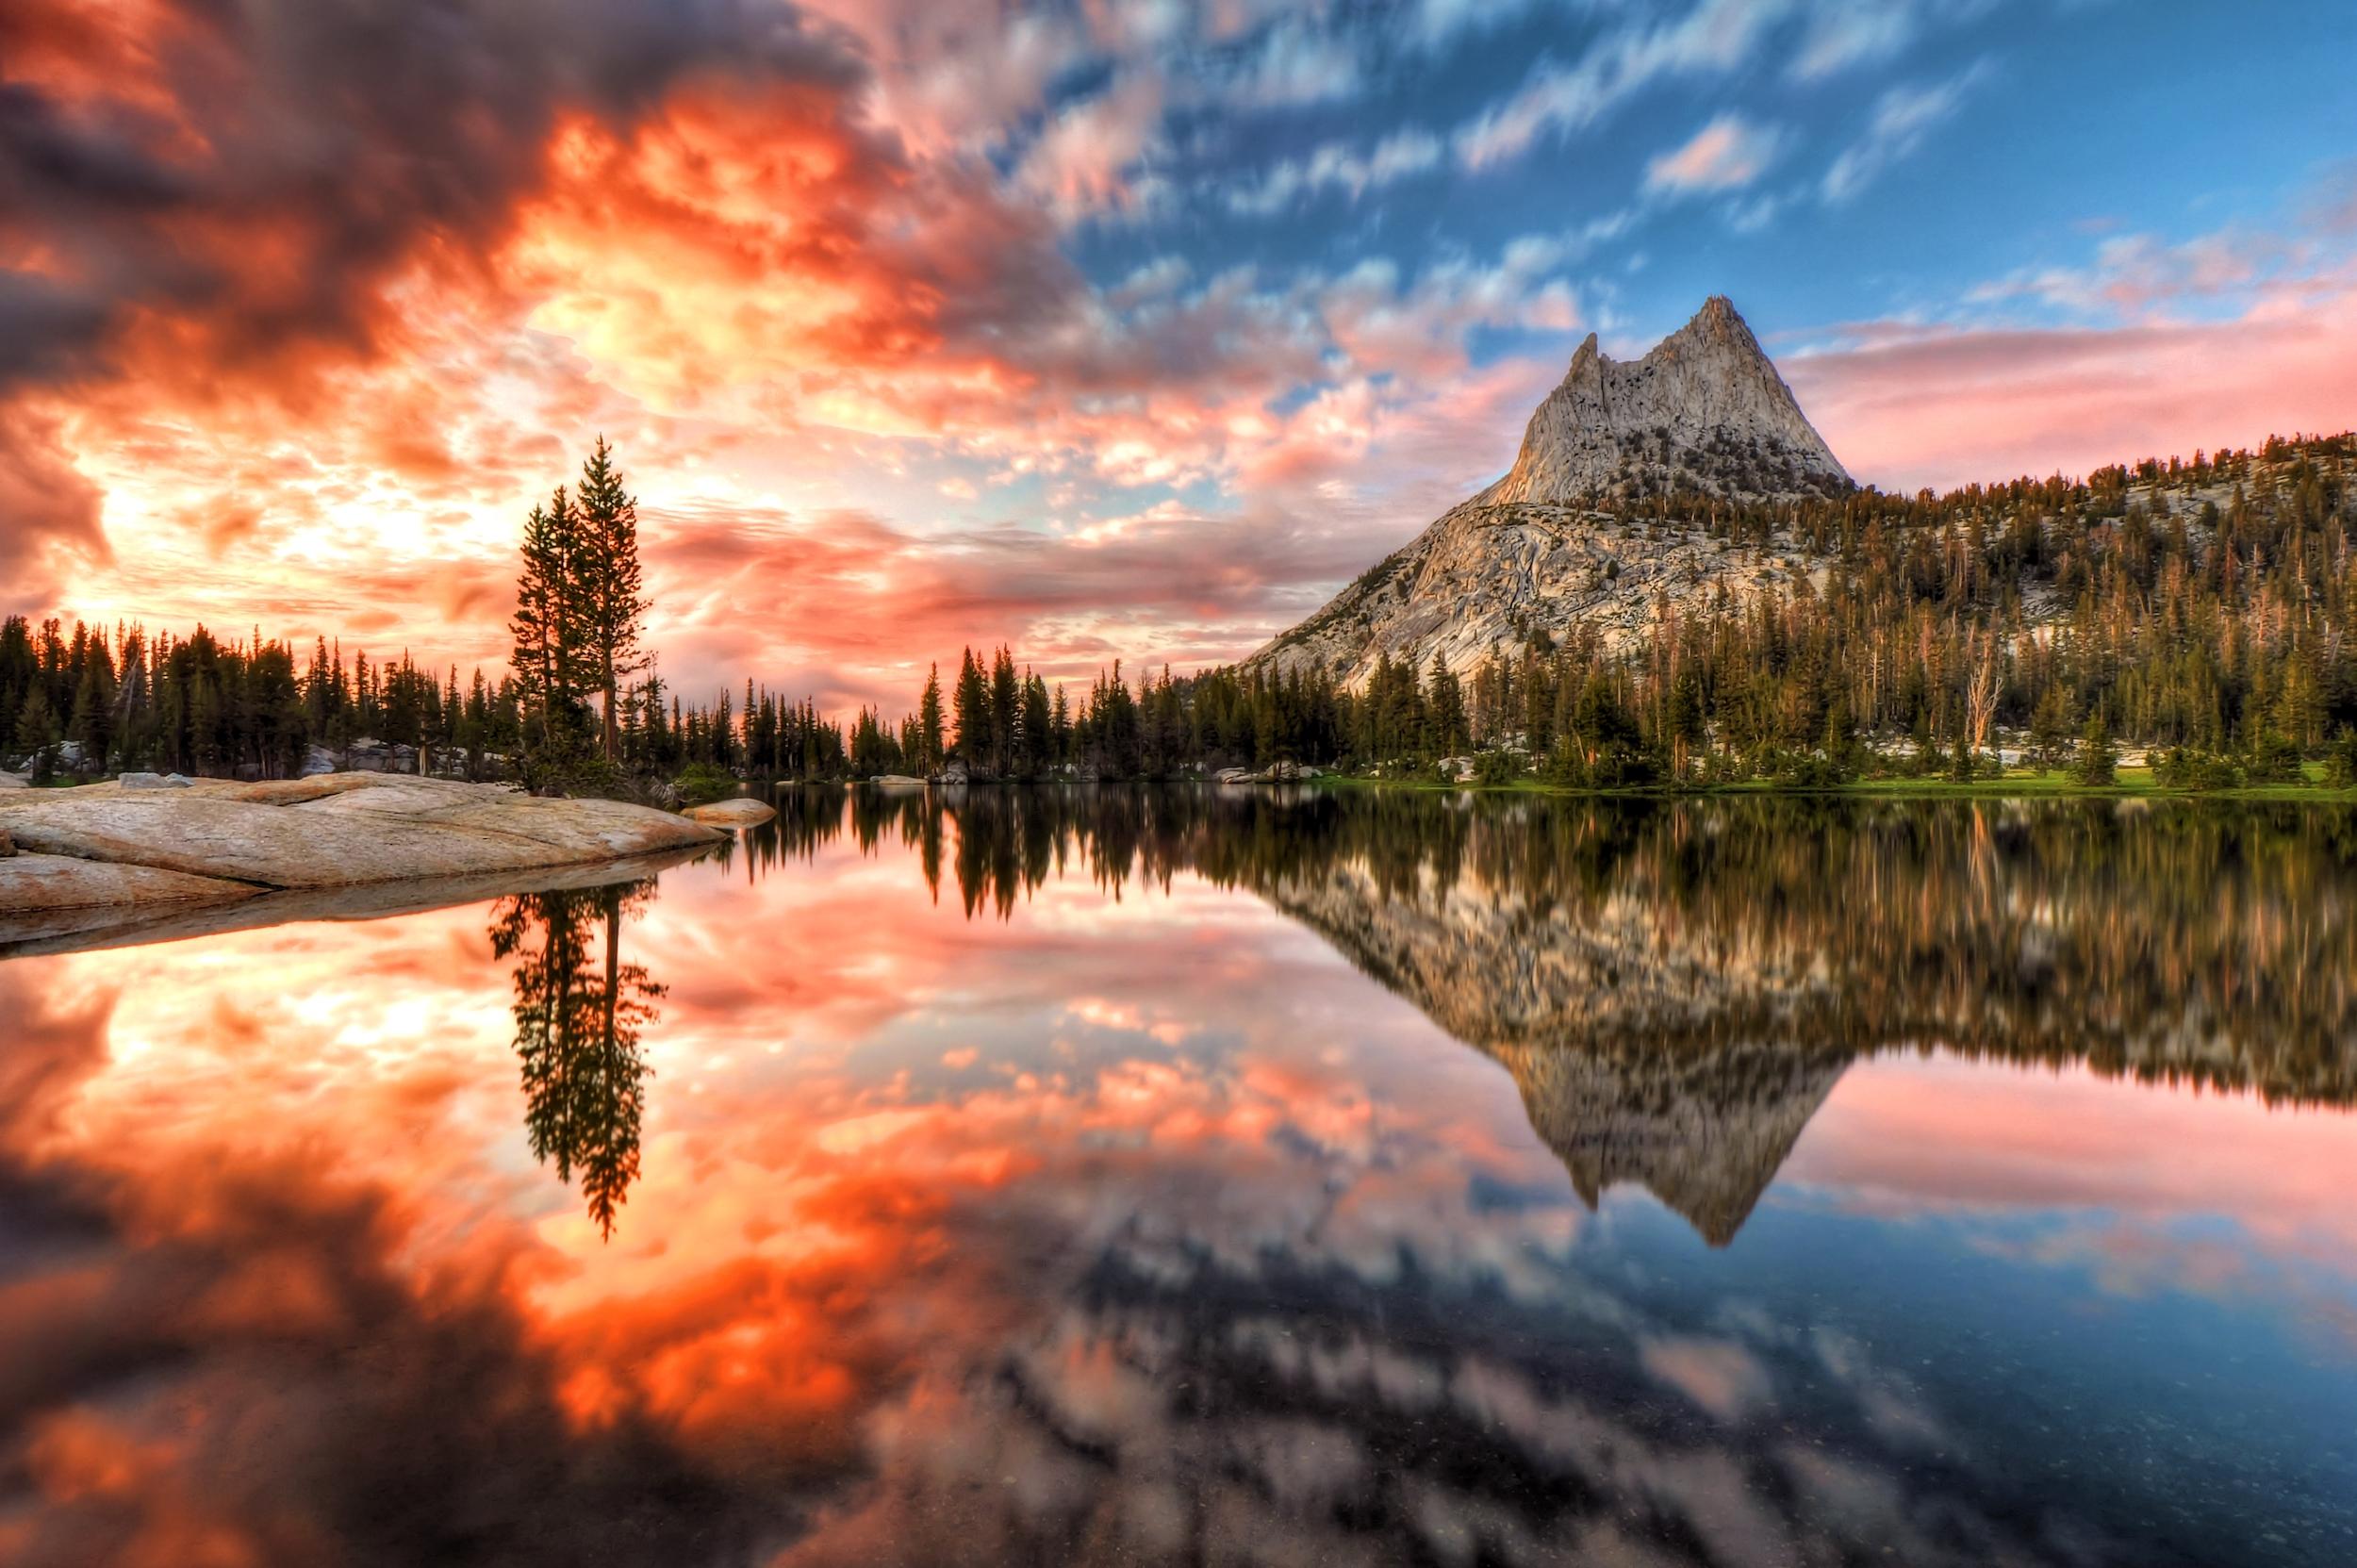 Last light at Cathedral Lake, Yosemite National Park, California